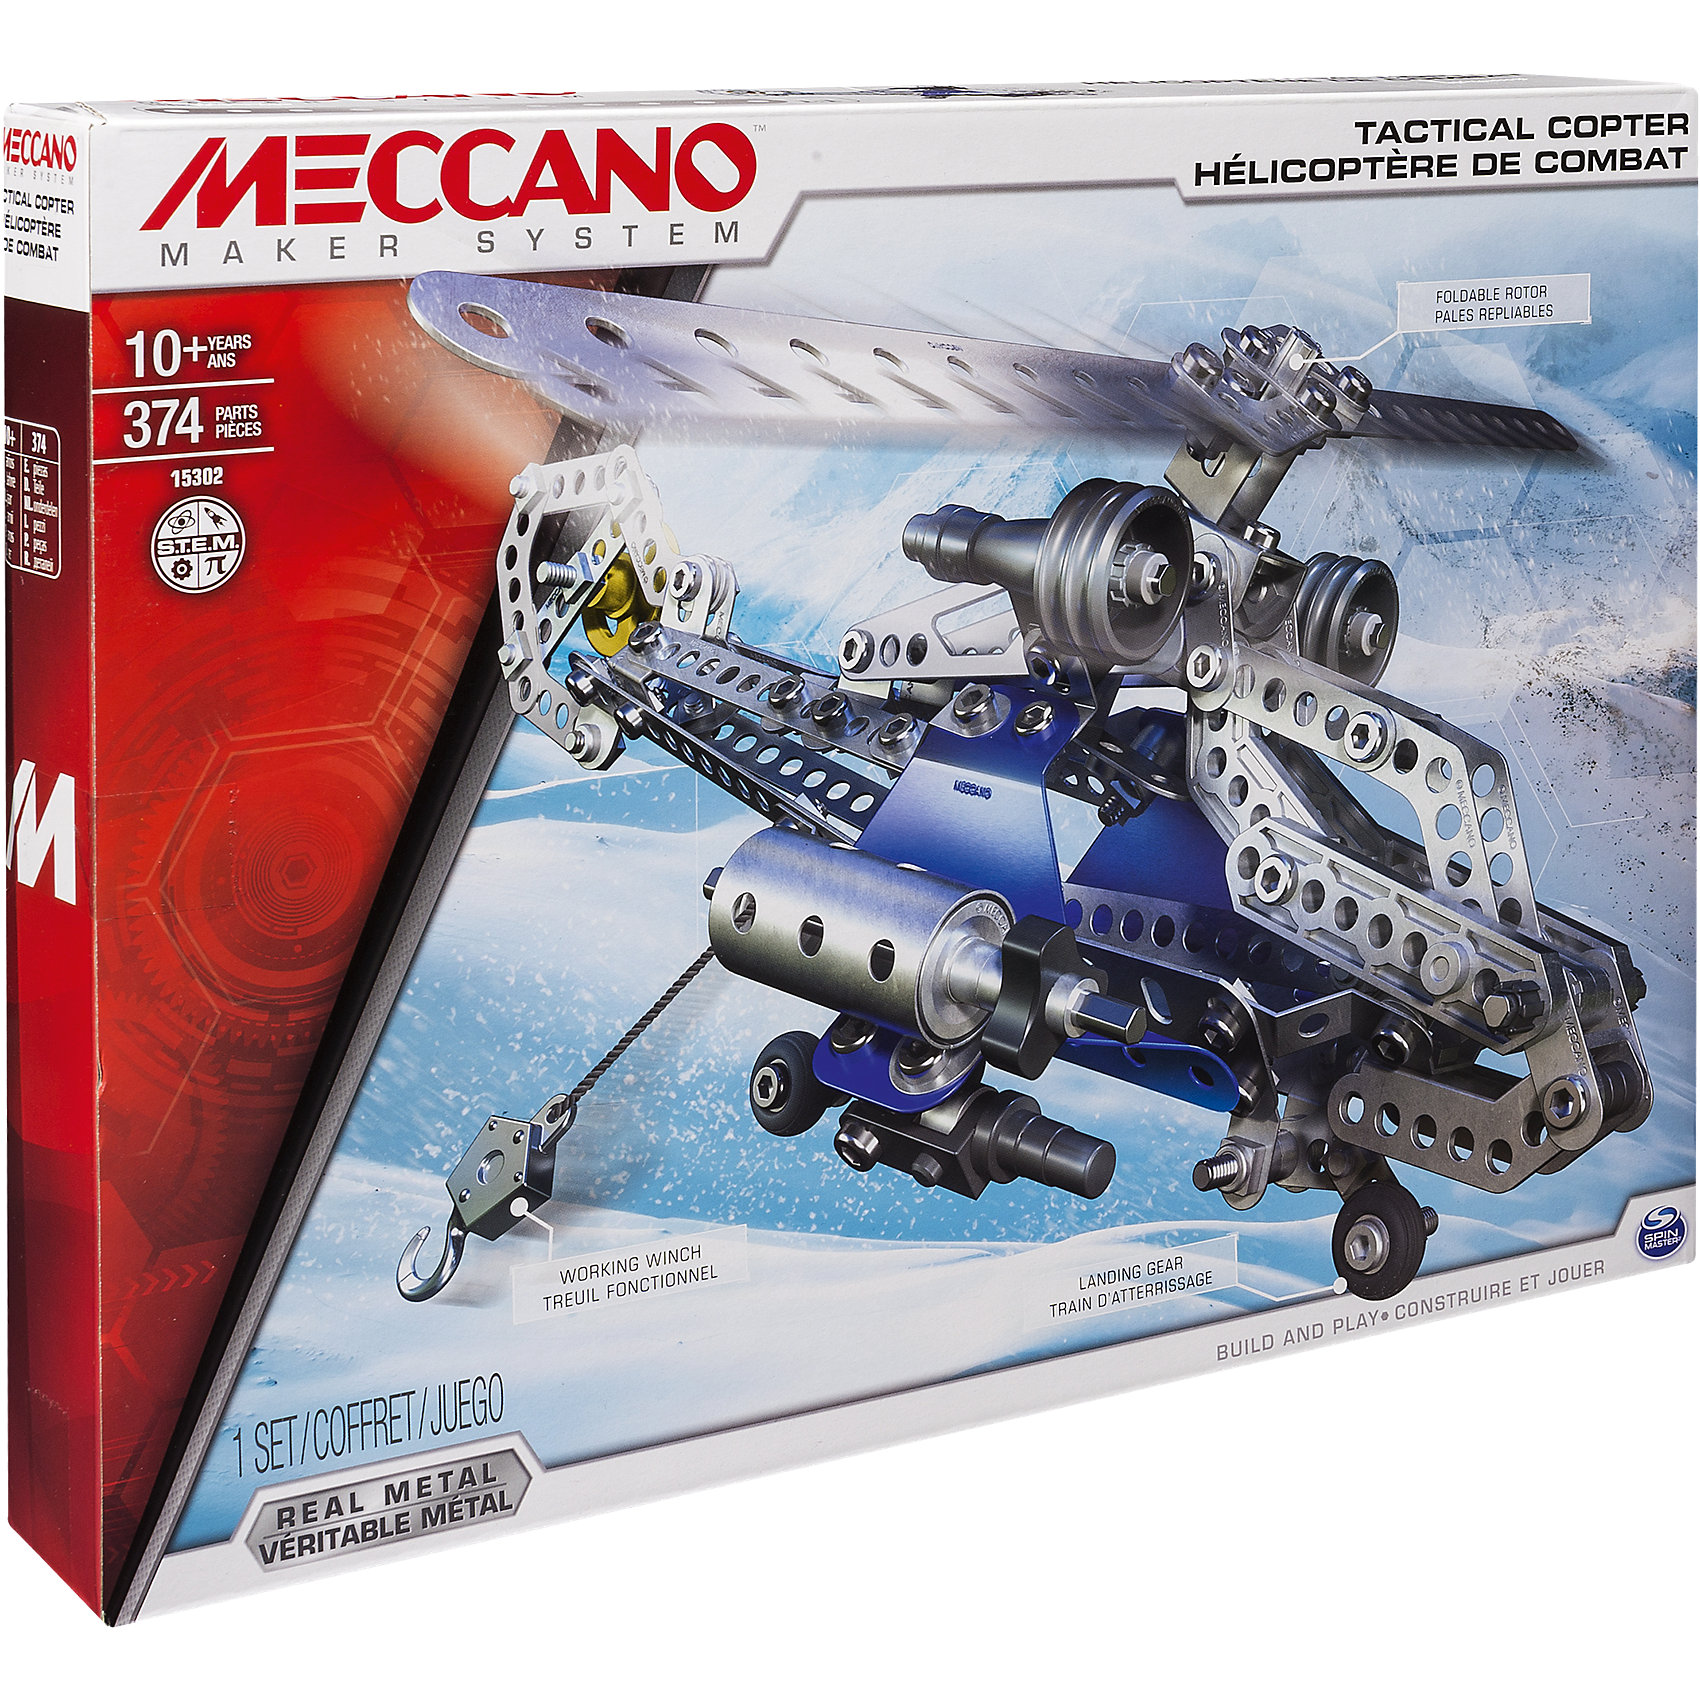 Meccano Боевой вертолёт (2 модели), Meccano купить автомат калашников боевой цена